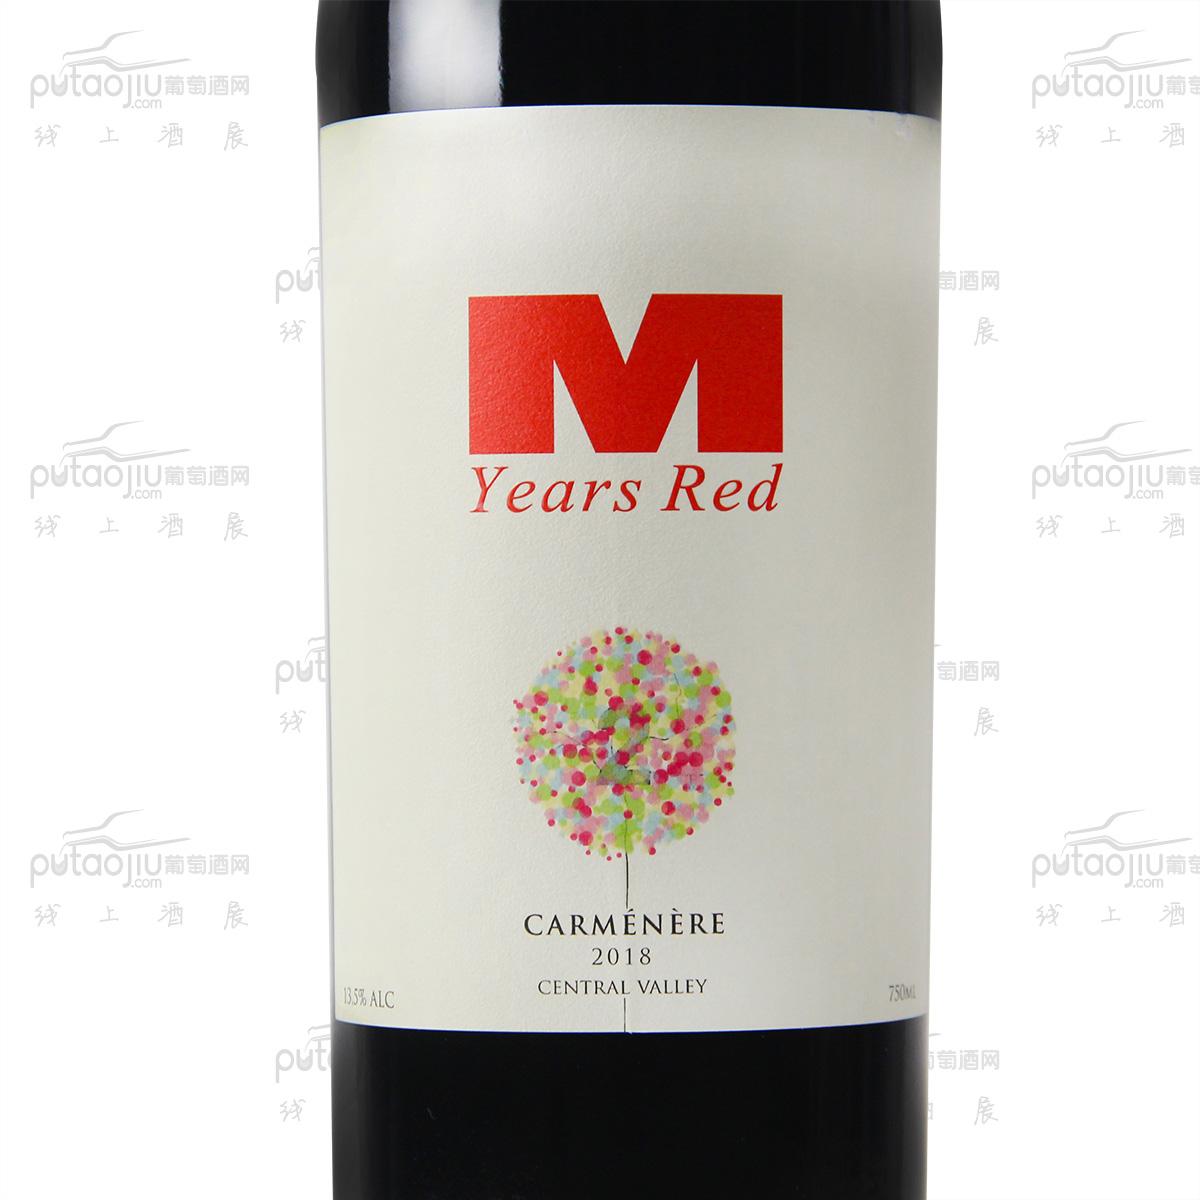 智利空加瓜谷希赫酒庄曼年红·佳美娜品种级干红葡萄酒